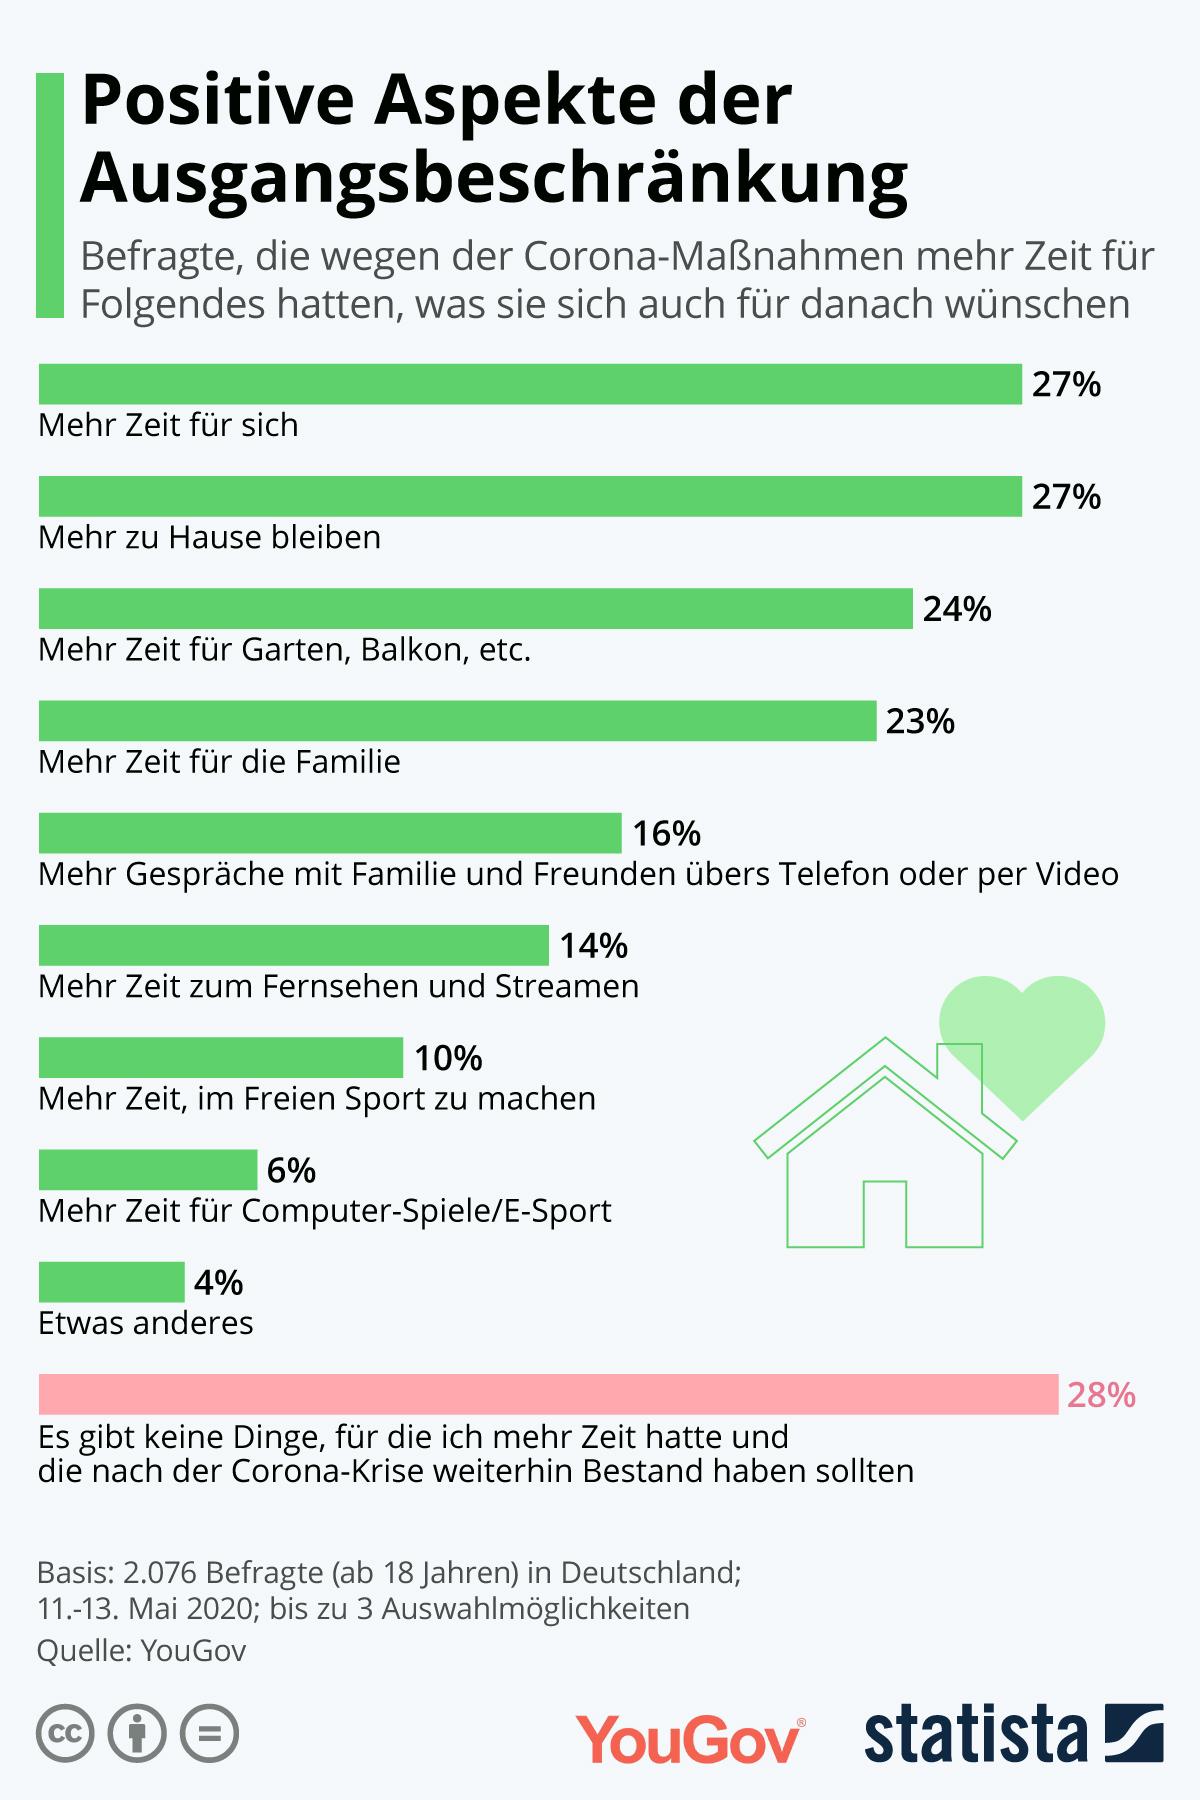 Infografik: Positive Aspekte der Ausgangsbeschränkung | Statista